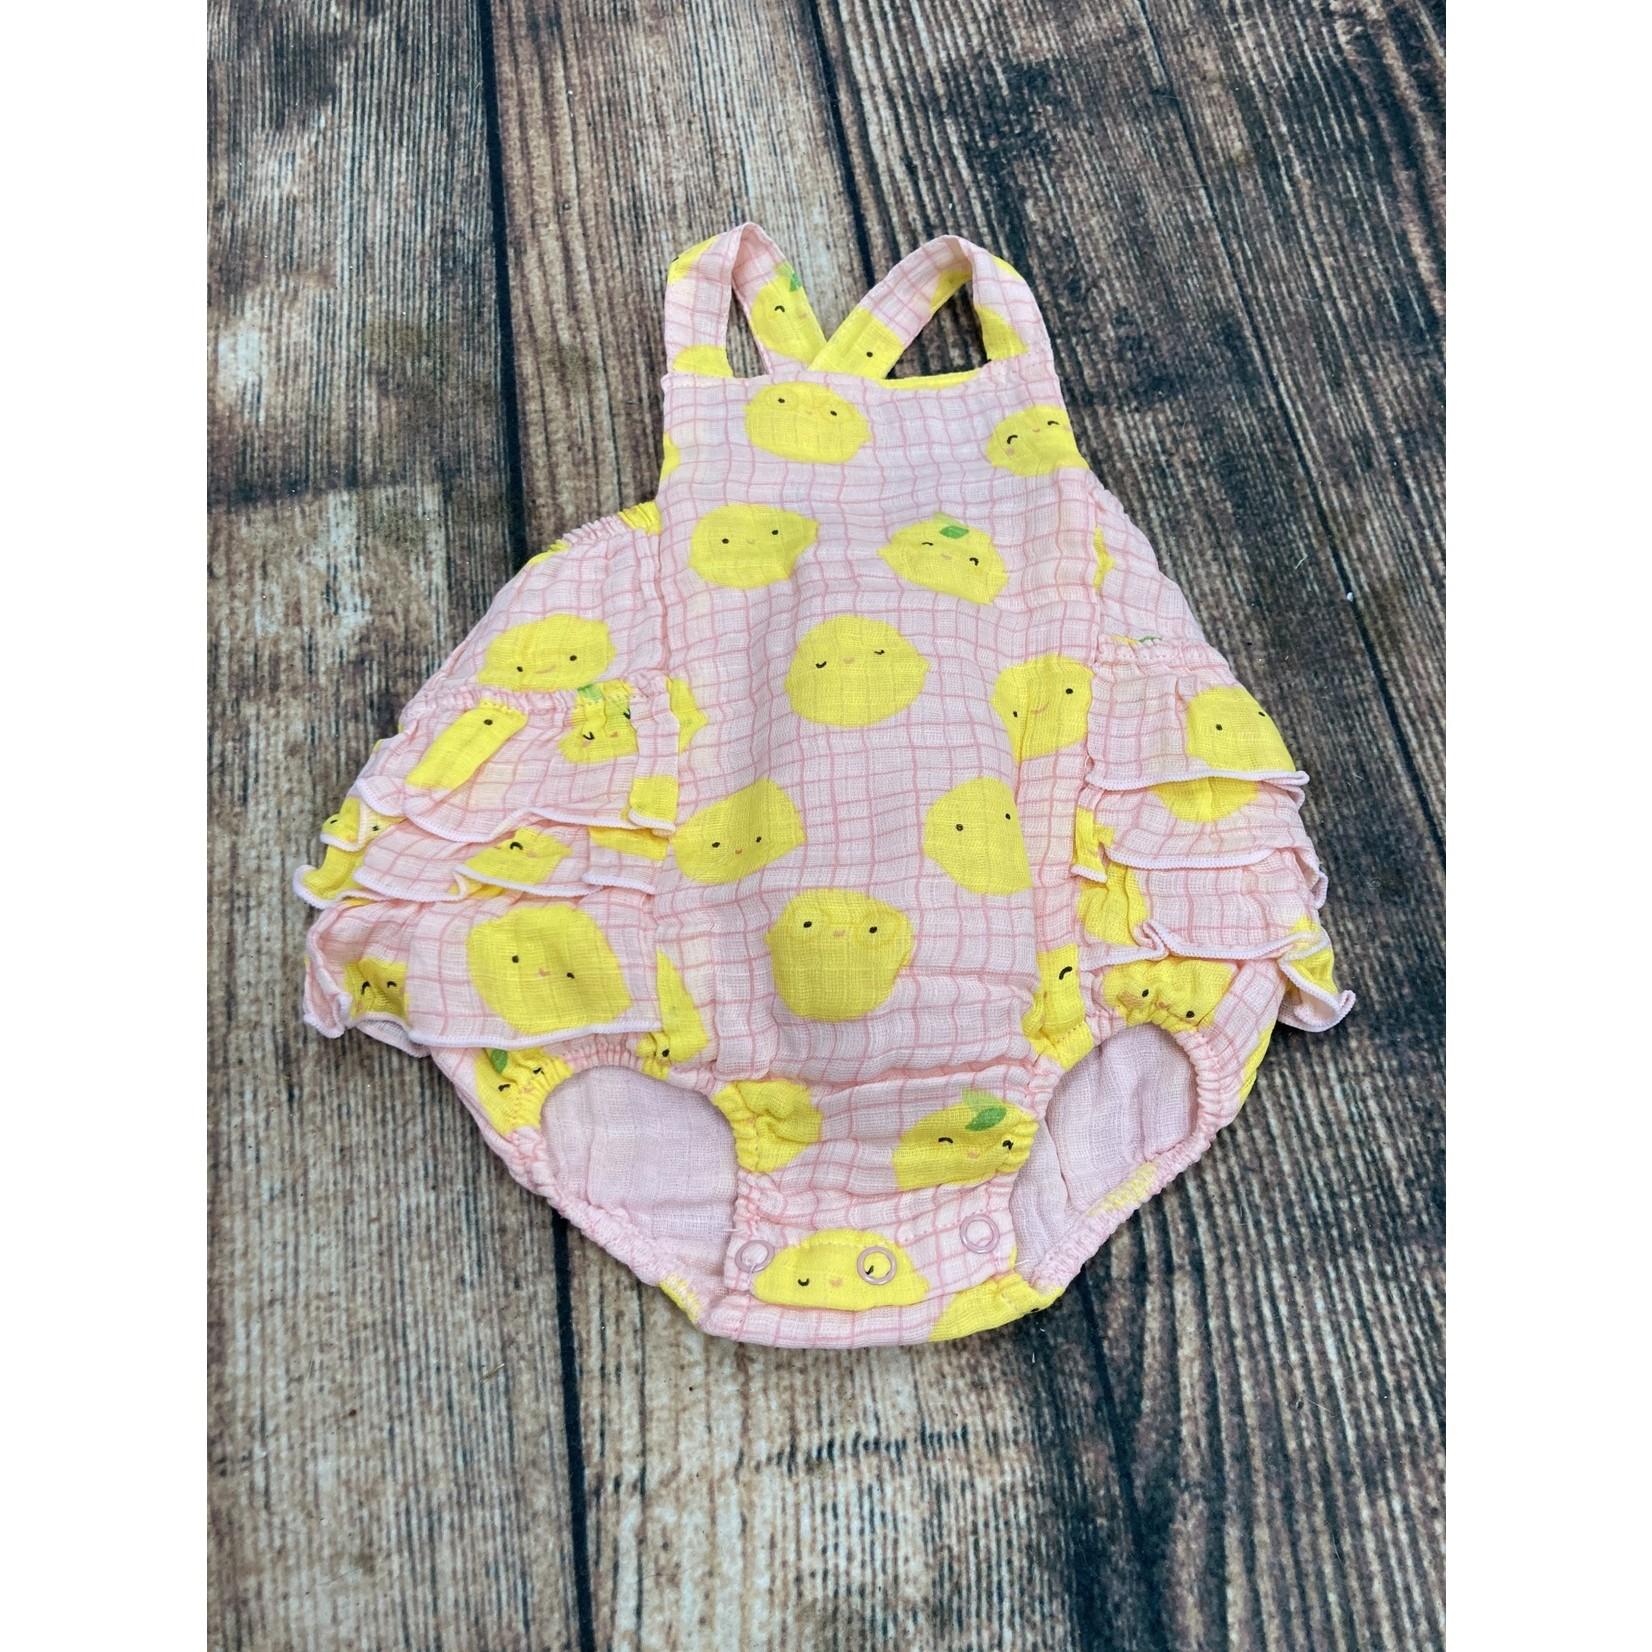 Angel Dear Angel Dear 6-12M Lemons Ruffle sunsuit pink